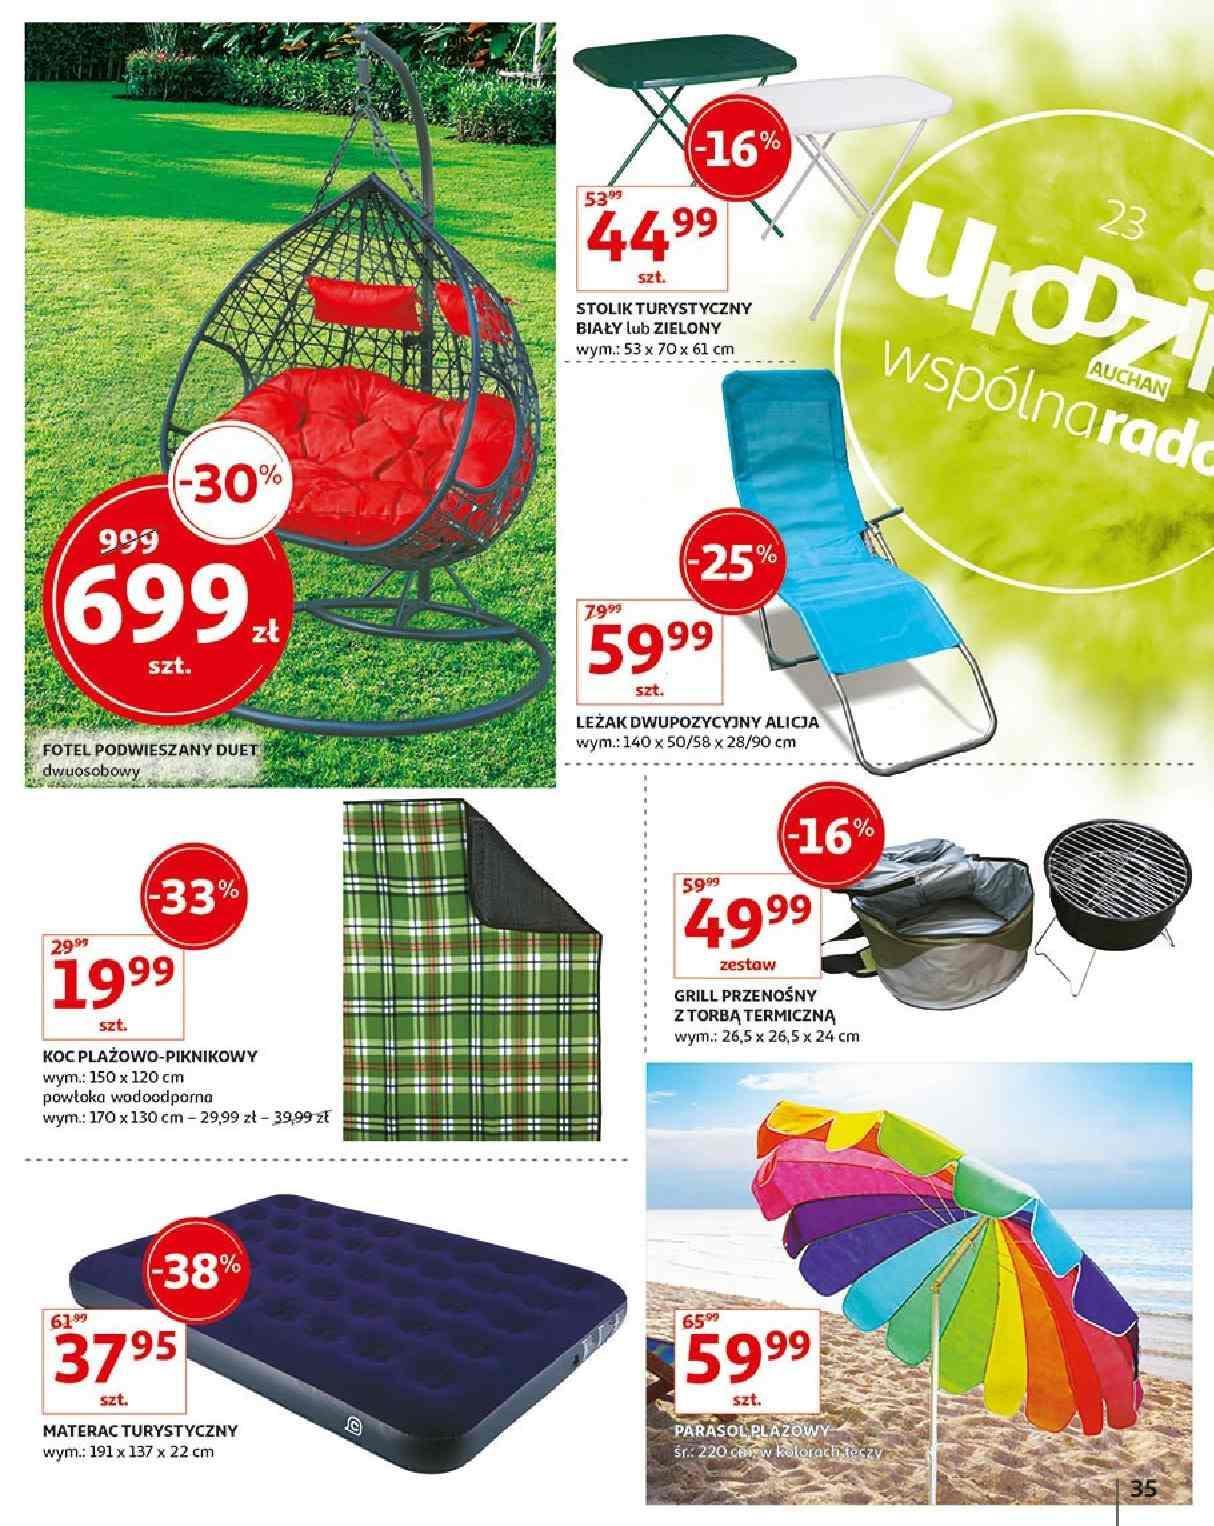 Gazetka promocyjna Auchan do 23/05/2019 str.35